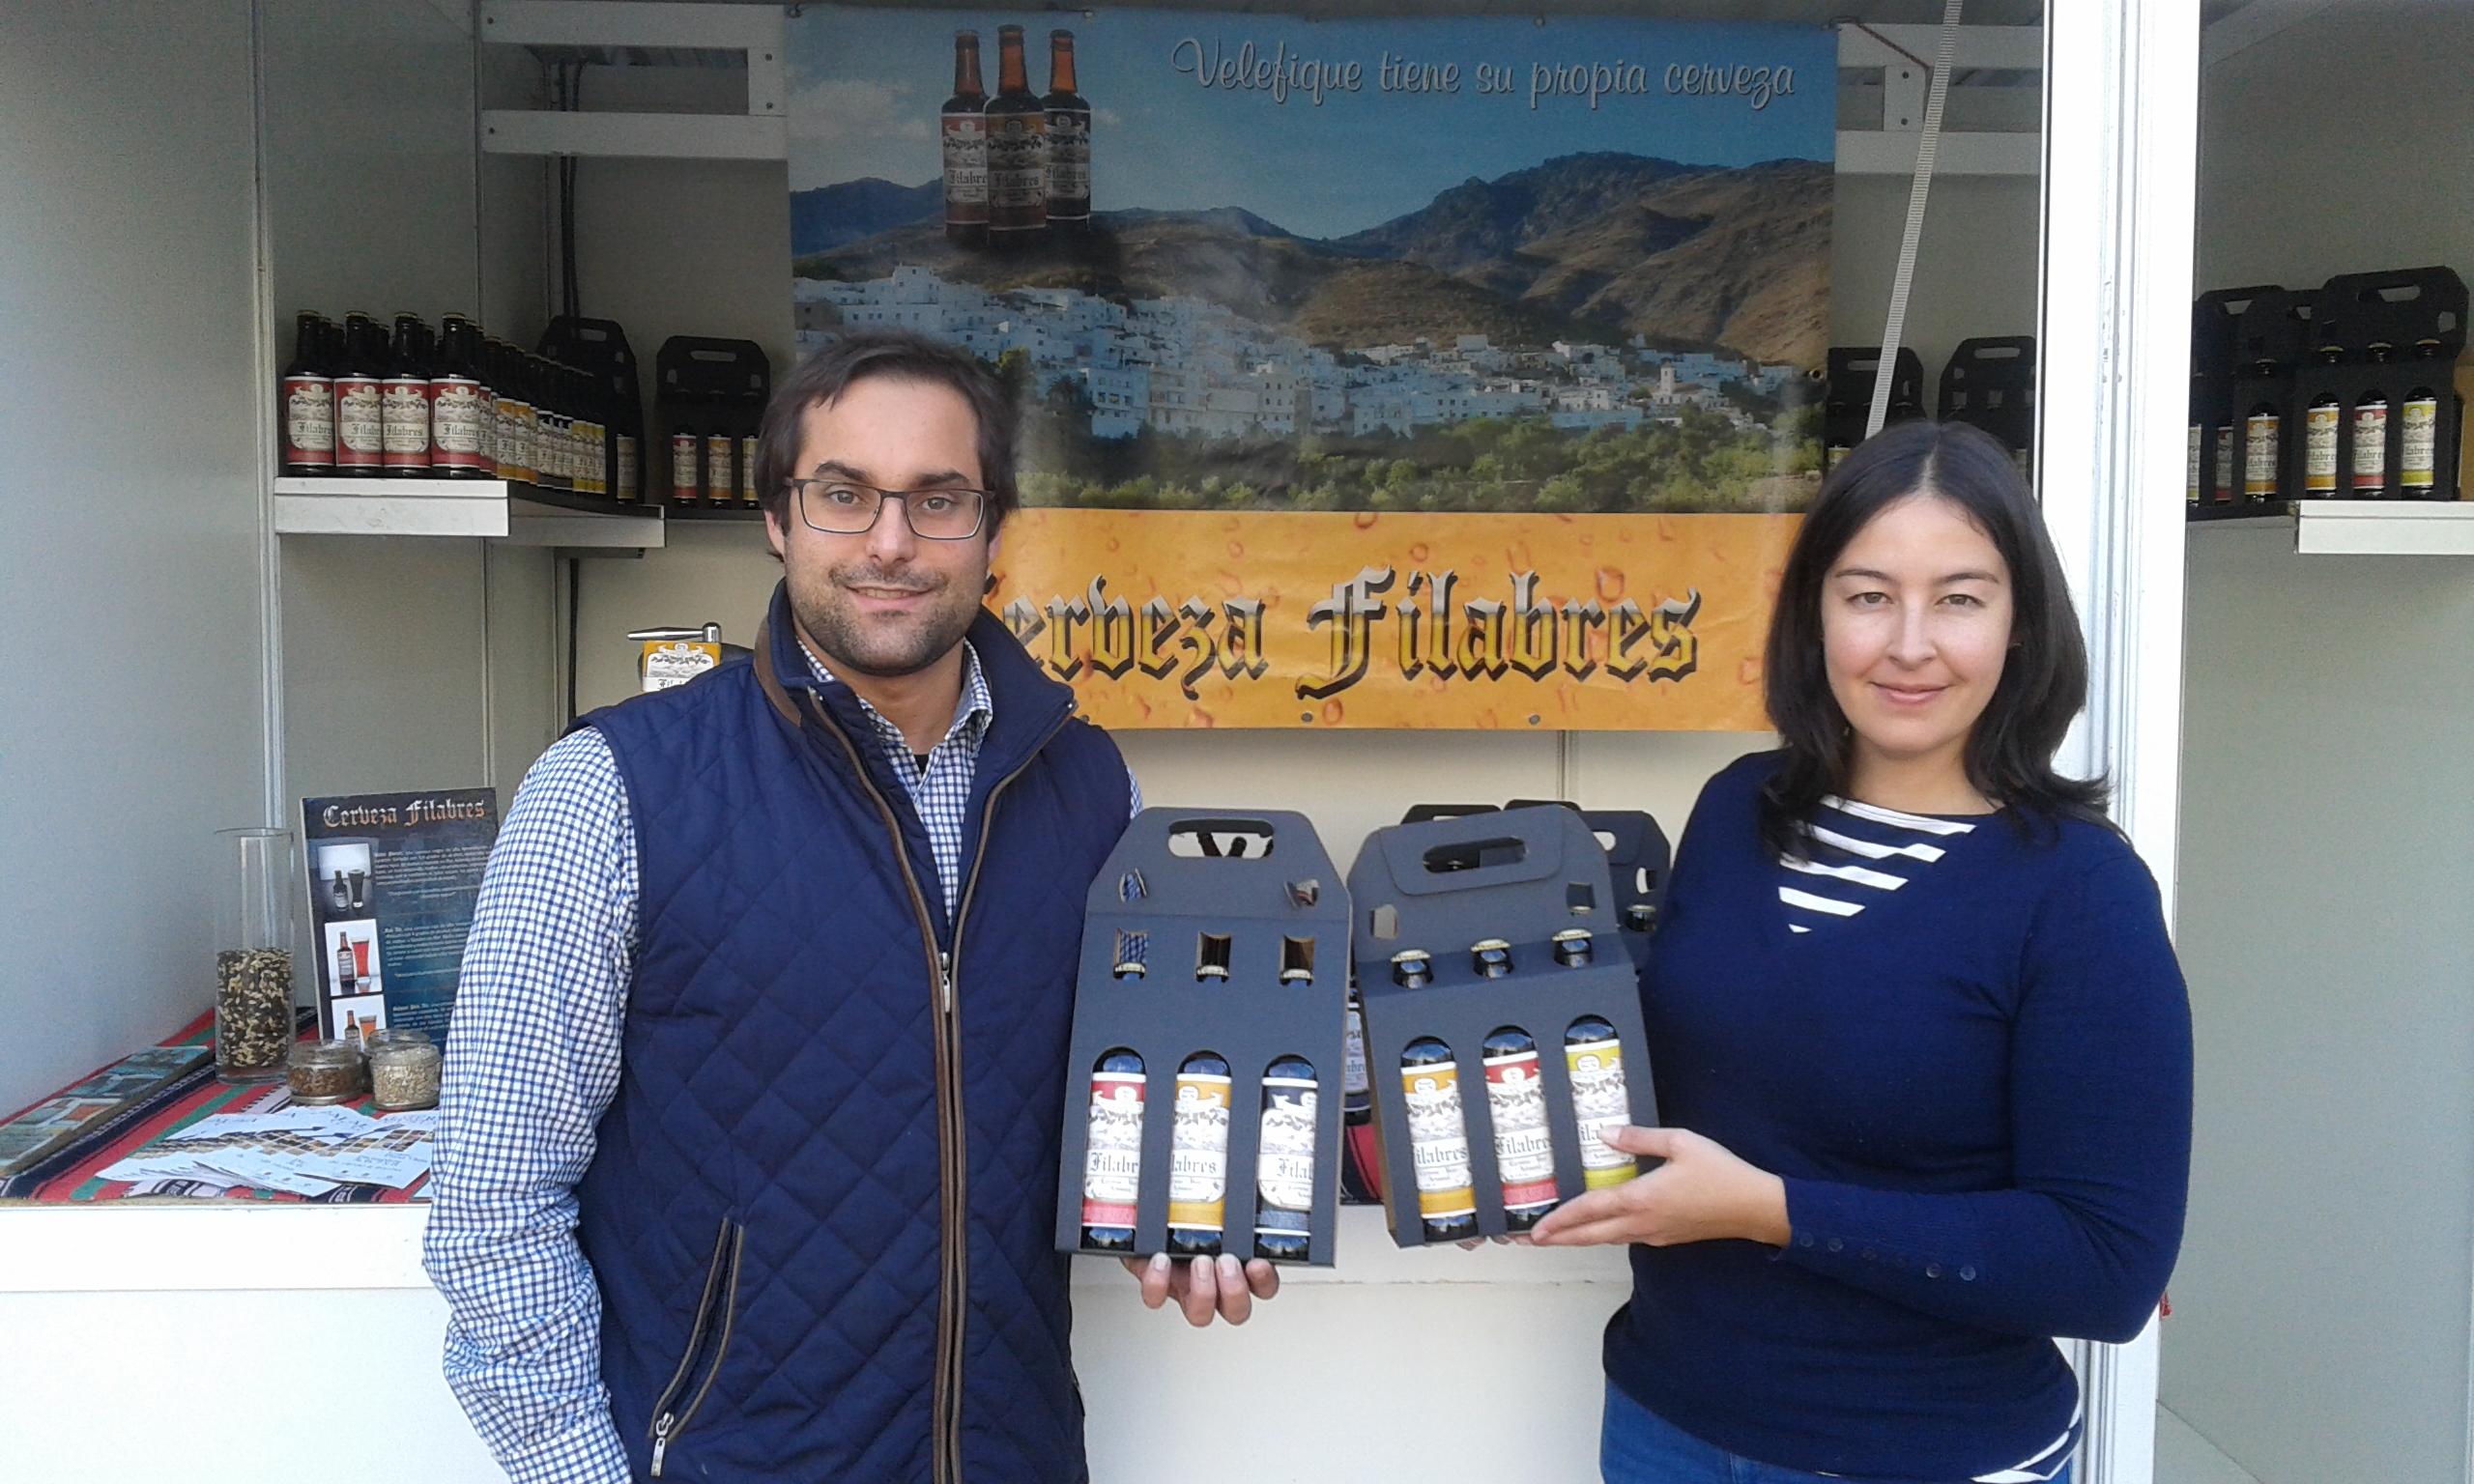 Jose y Cristina, es una pareja emprendedora en cervezas artesanas en Almería y están teniendo un gran éxito en la capital y provincia de Almería y su cerveza tiene buen mercado en Cataluña/ Javier Cortés García